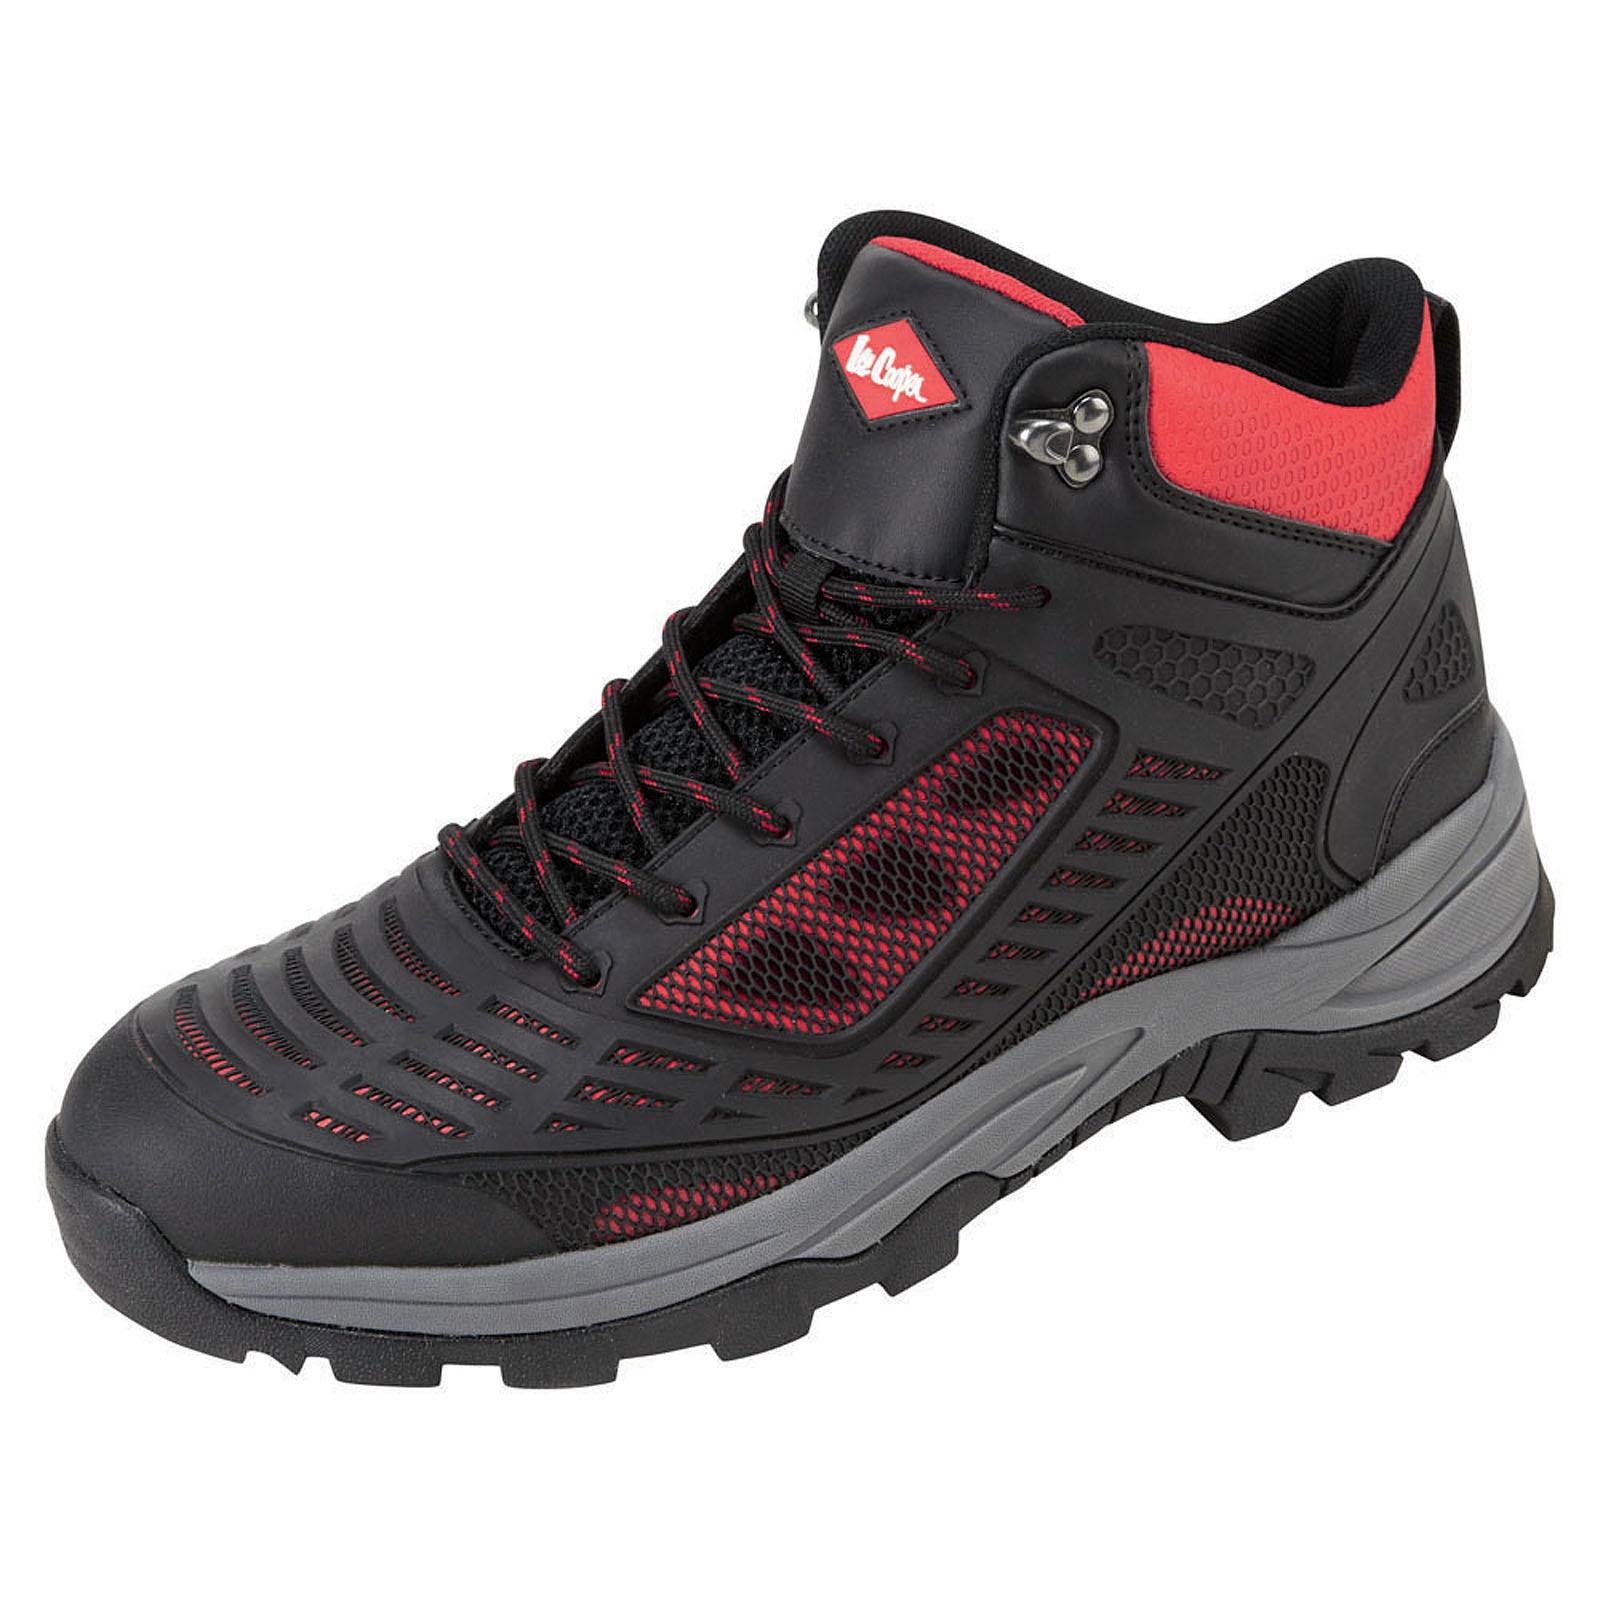 NUOVO Lee SRA Cooper S3 SRA Lee Scarpe Acciaio Puntale Uomini Scarpe Da Ginnastica Scarpa flessibile Work Boots 0f033a